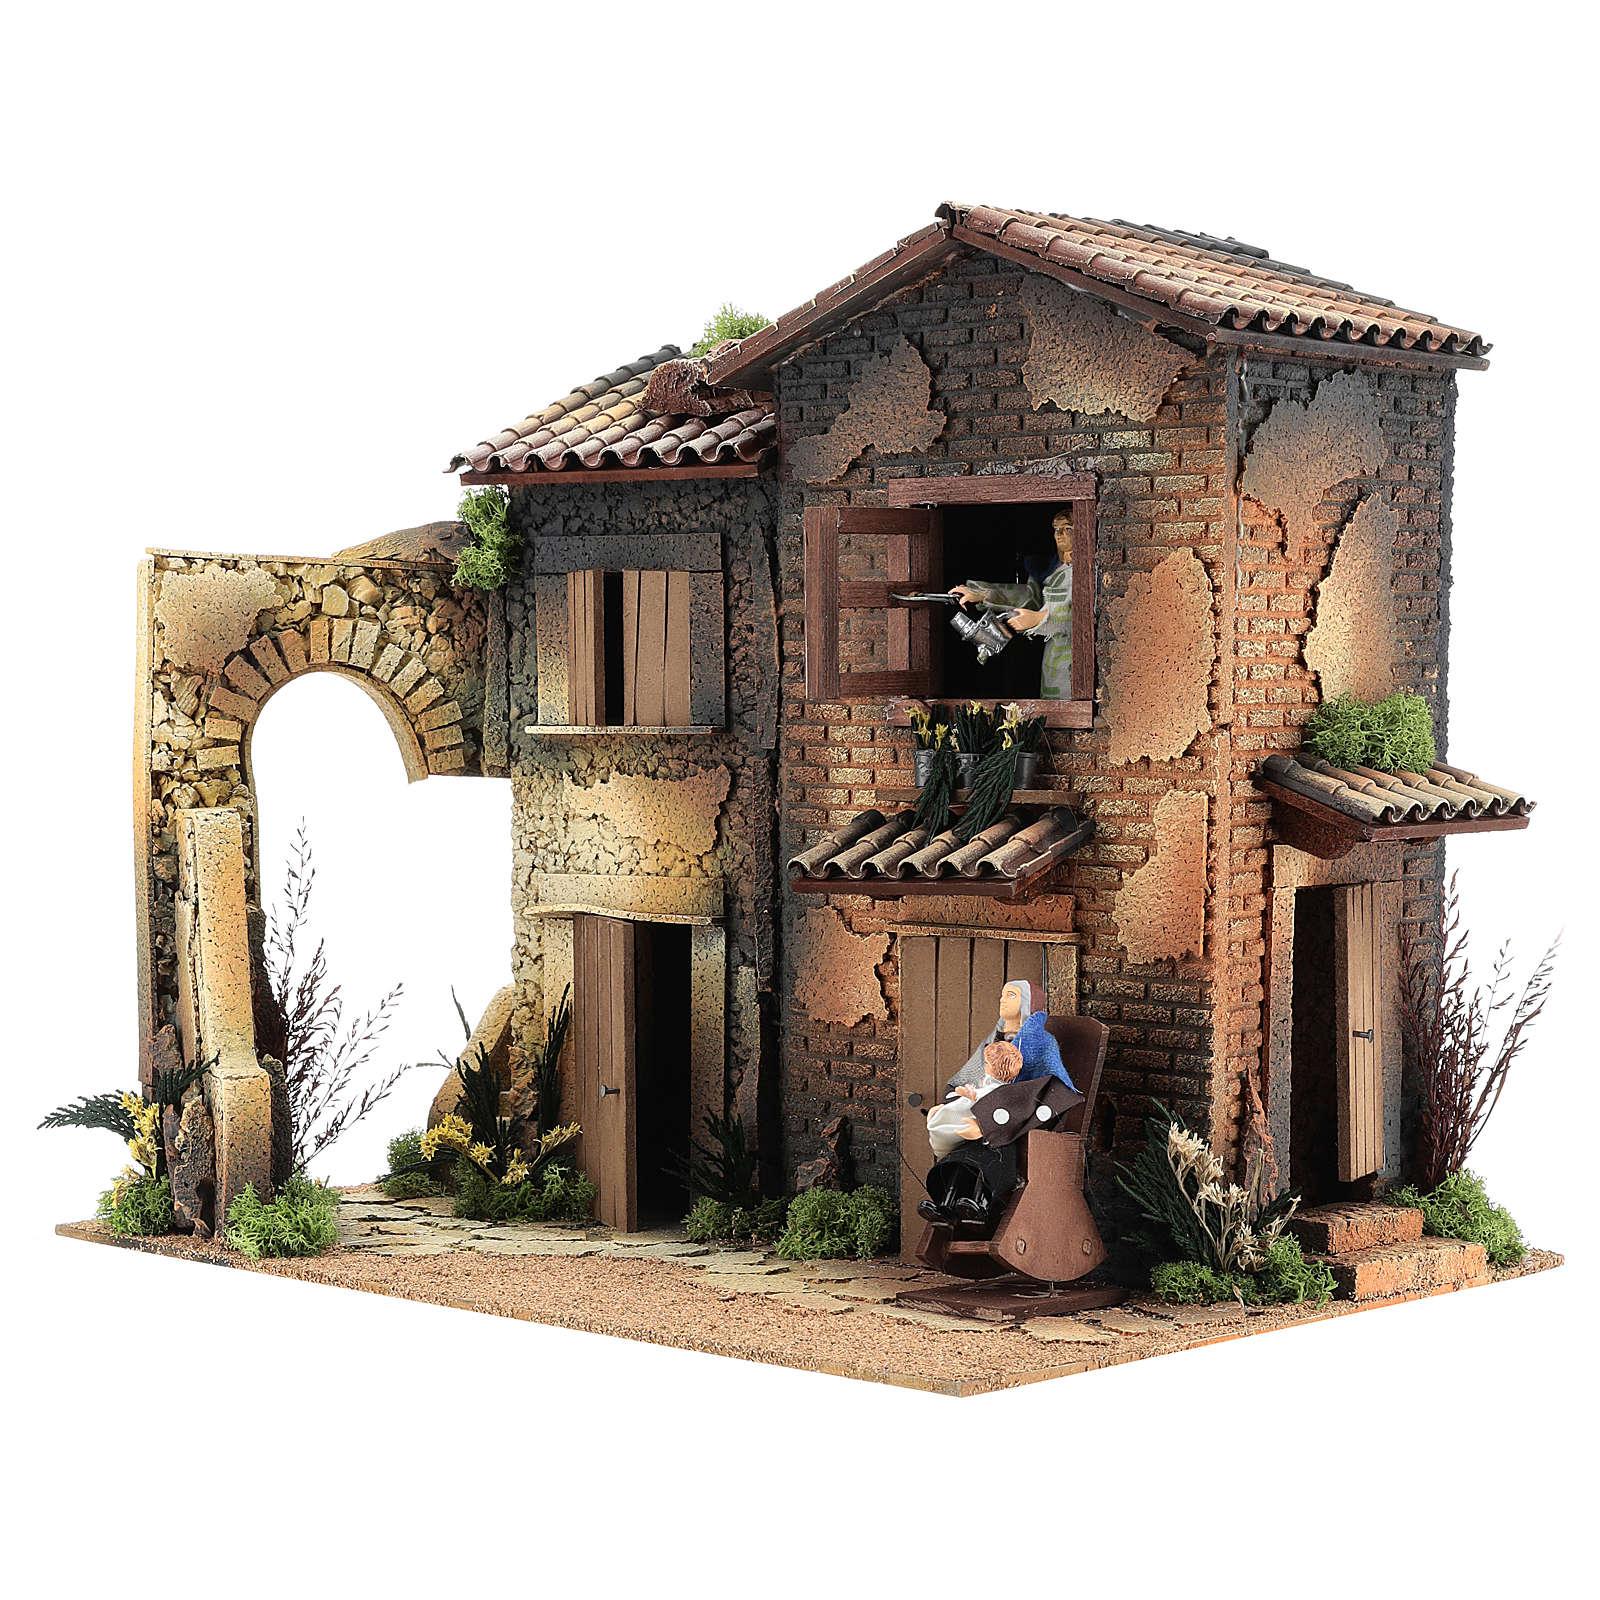 Borgo presepe con 2 donne in movimento di 40x45x35 cm 3